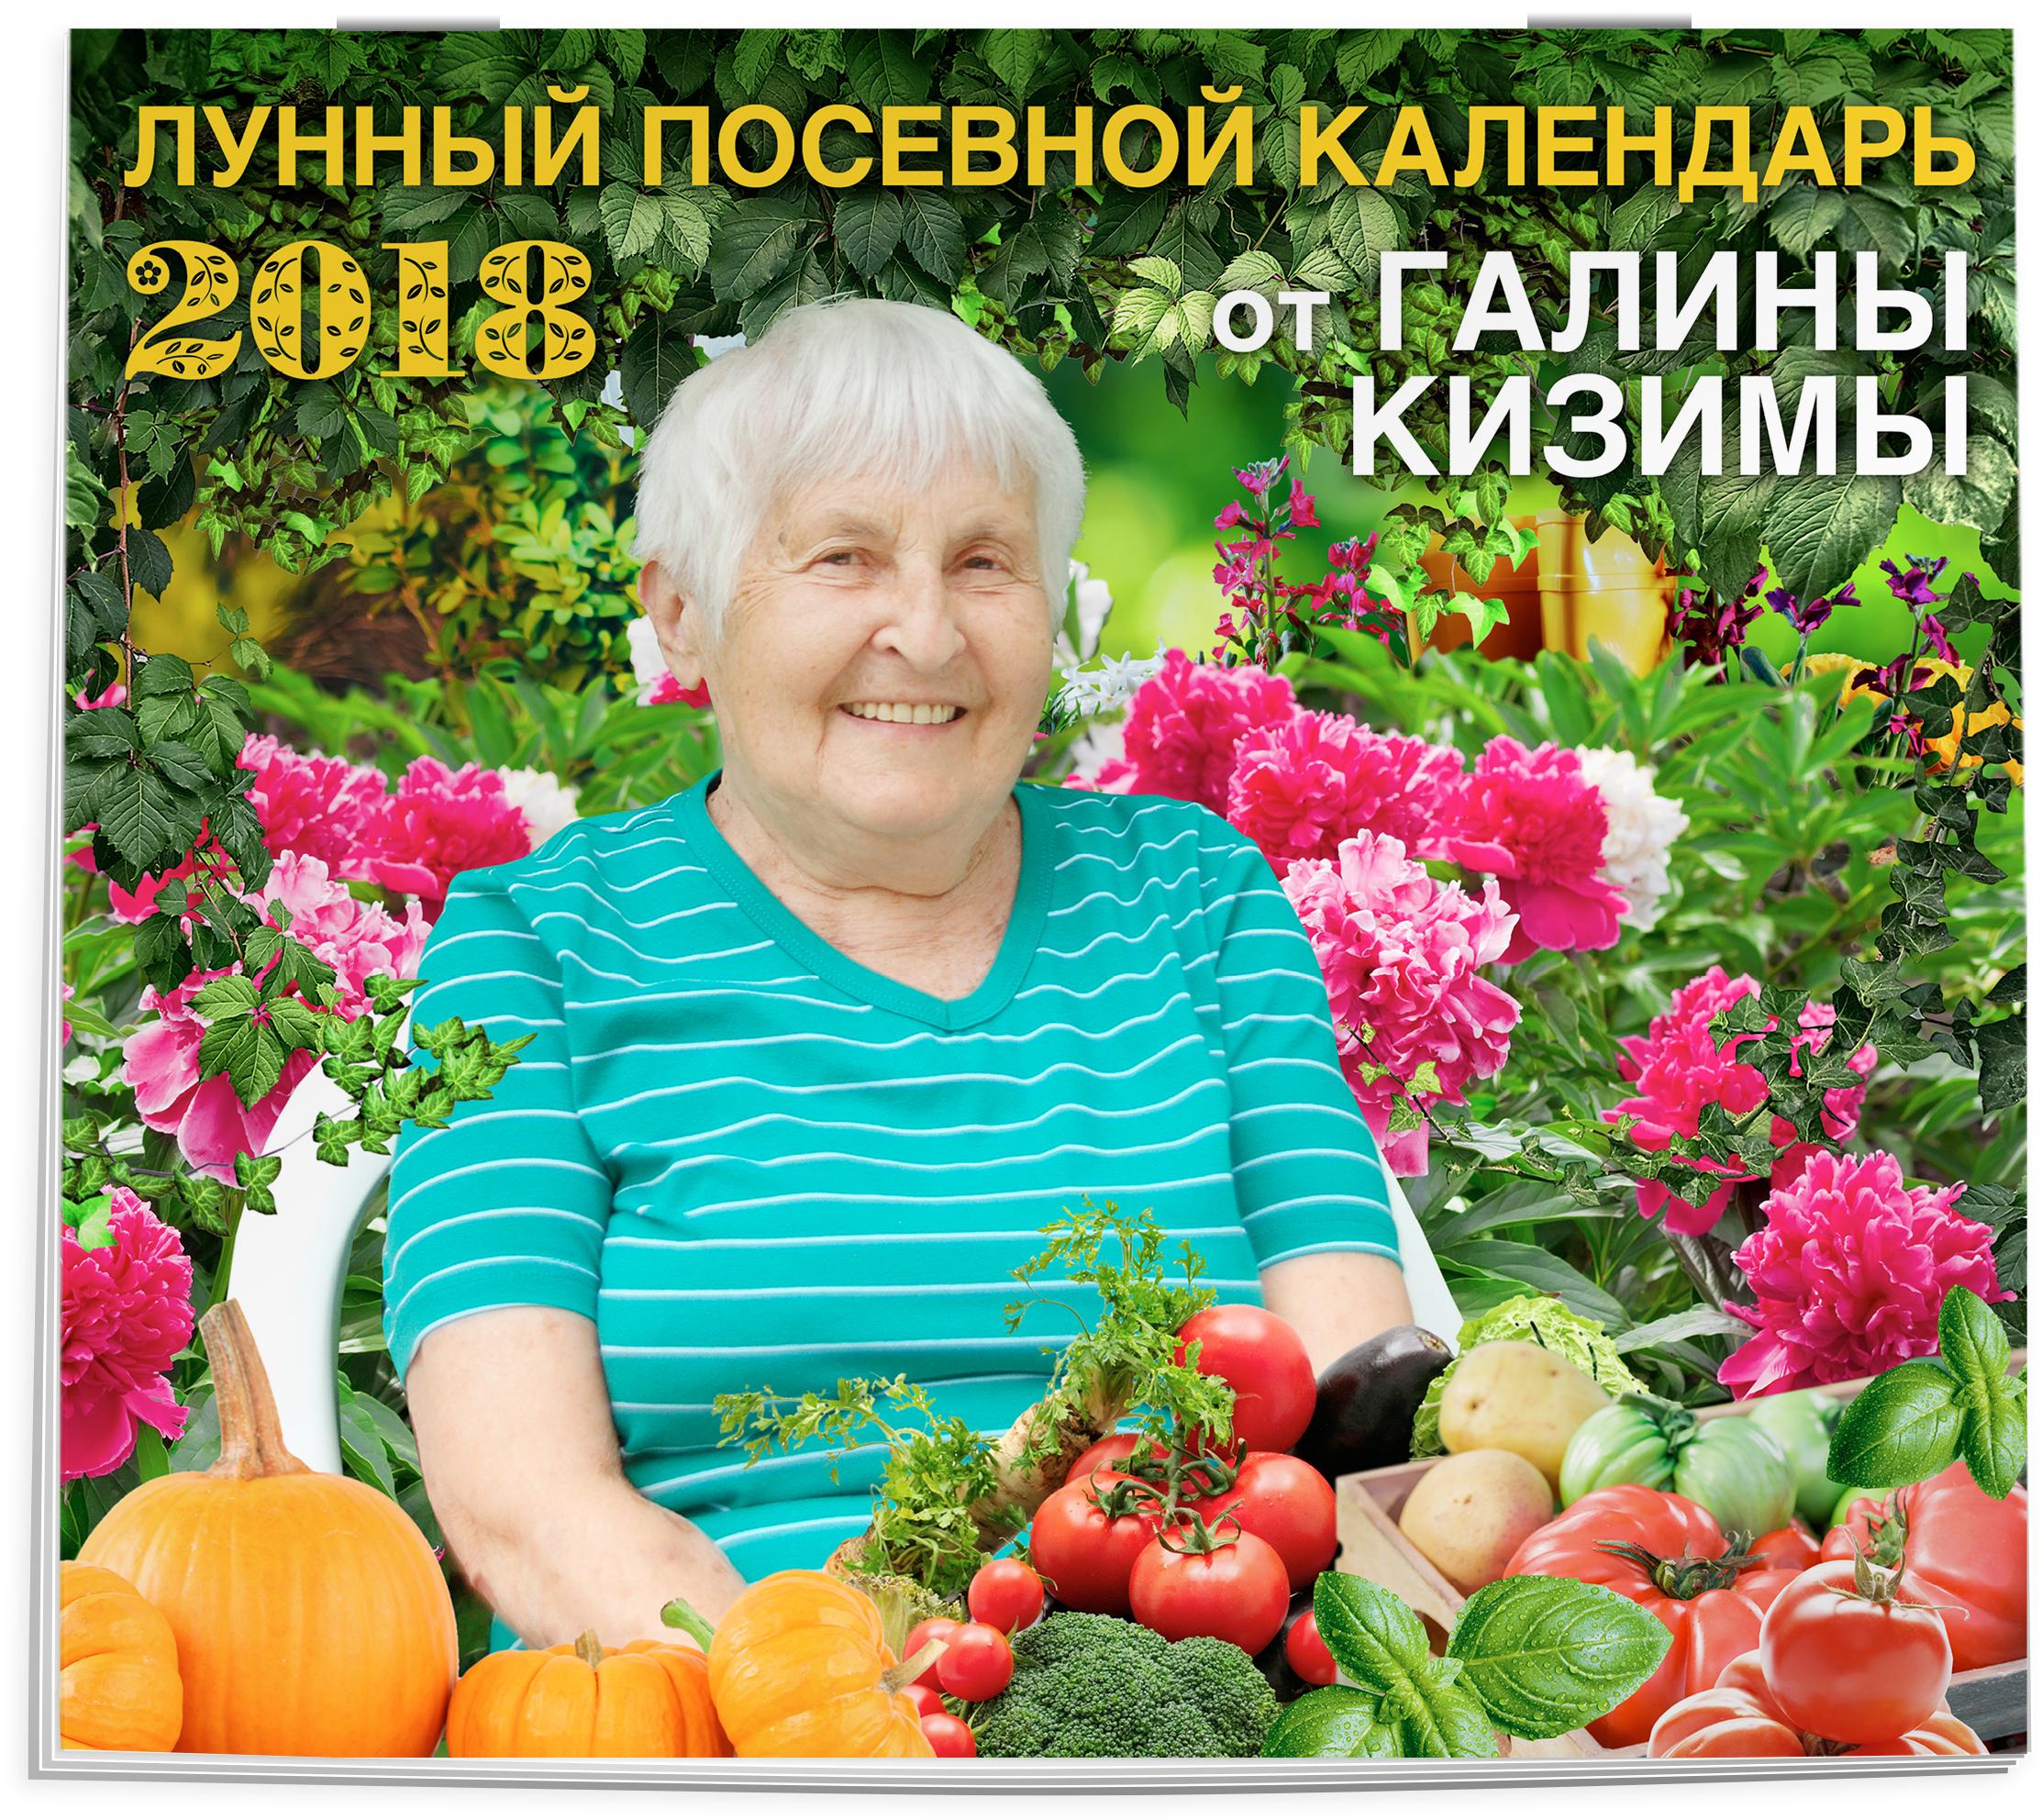 Настенный Лунный календарь садовода-огородника 2018 от Галины Кизимы от book24.ru